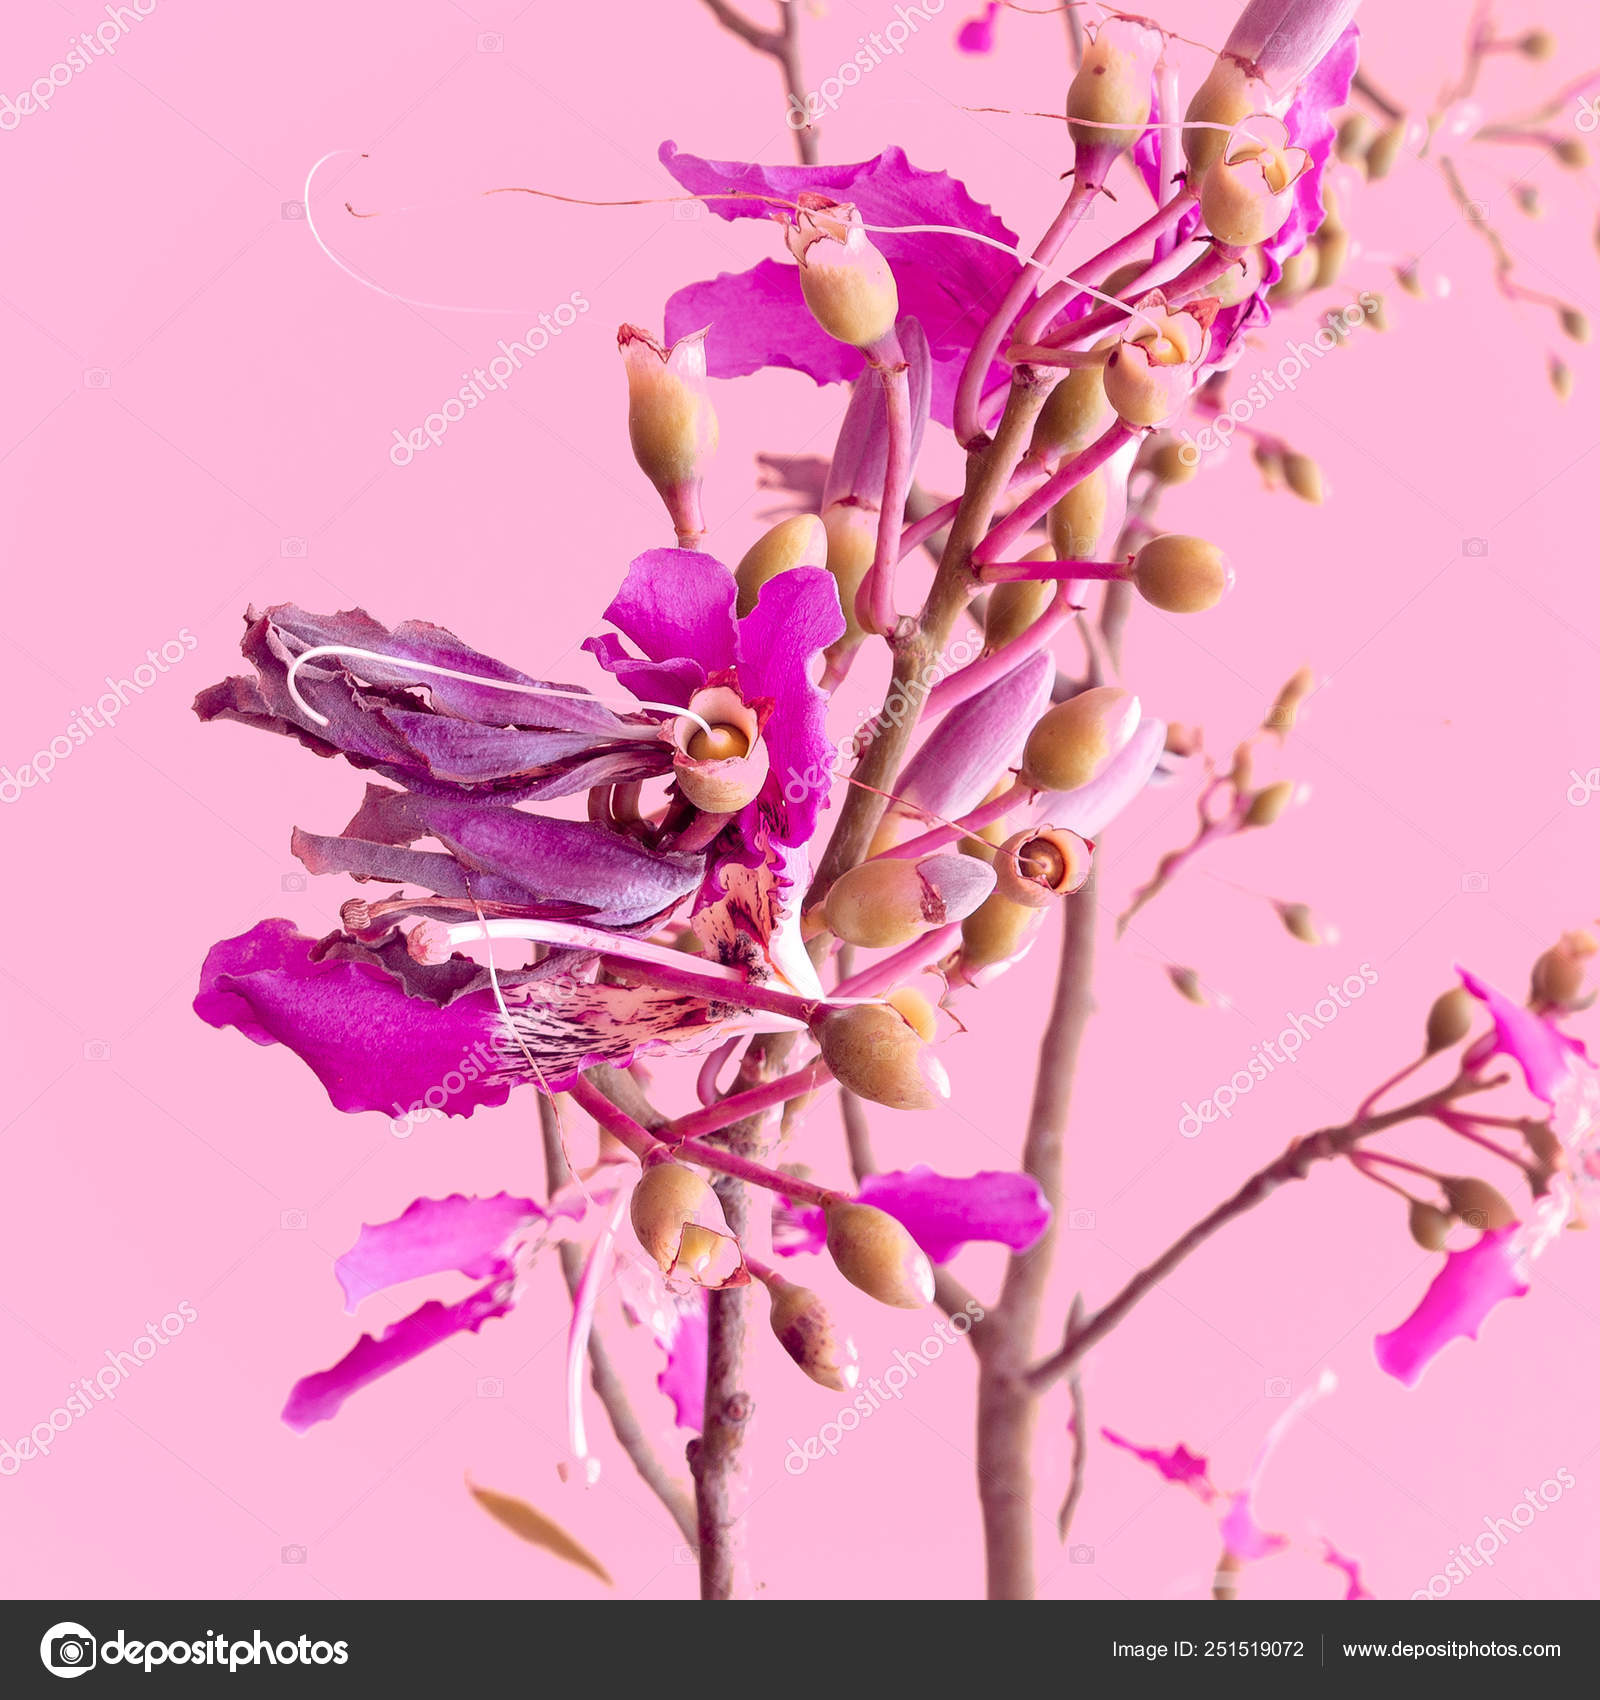 Piante Sul Concetto Di Moda Rosa Fiori Su Sfondo Rosa Foto Stock